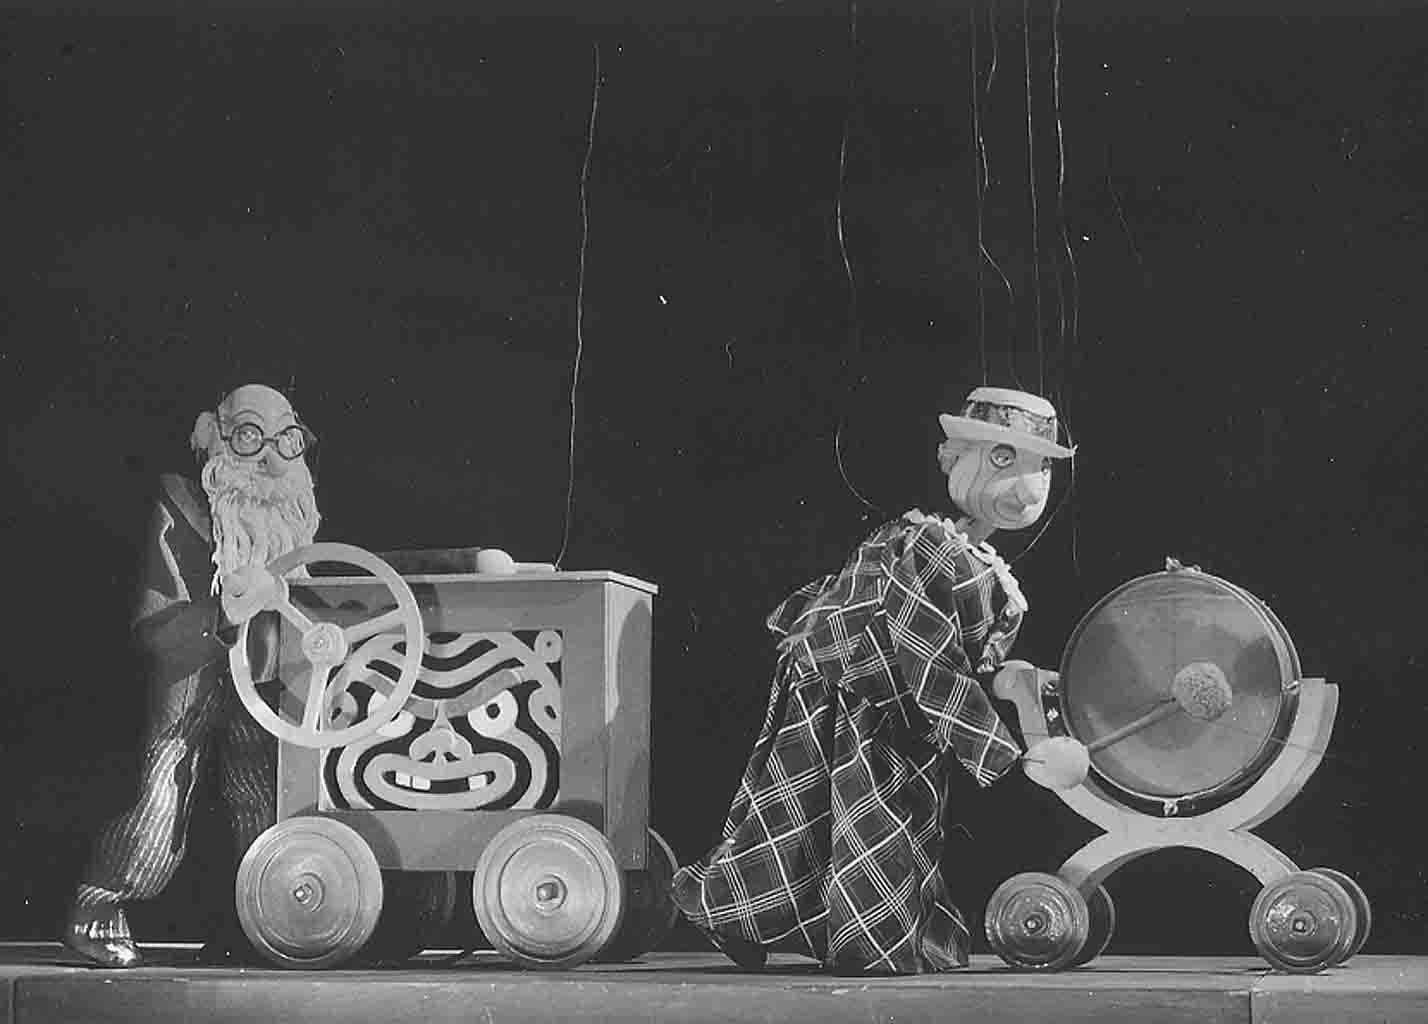 <em>Míček Flíček</em> (1936) par Loutkové divadlo Umělecké výchovy, mise en scène : Jan Malík, scénographie : Jan Malík